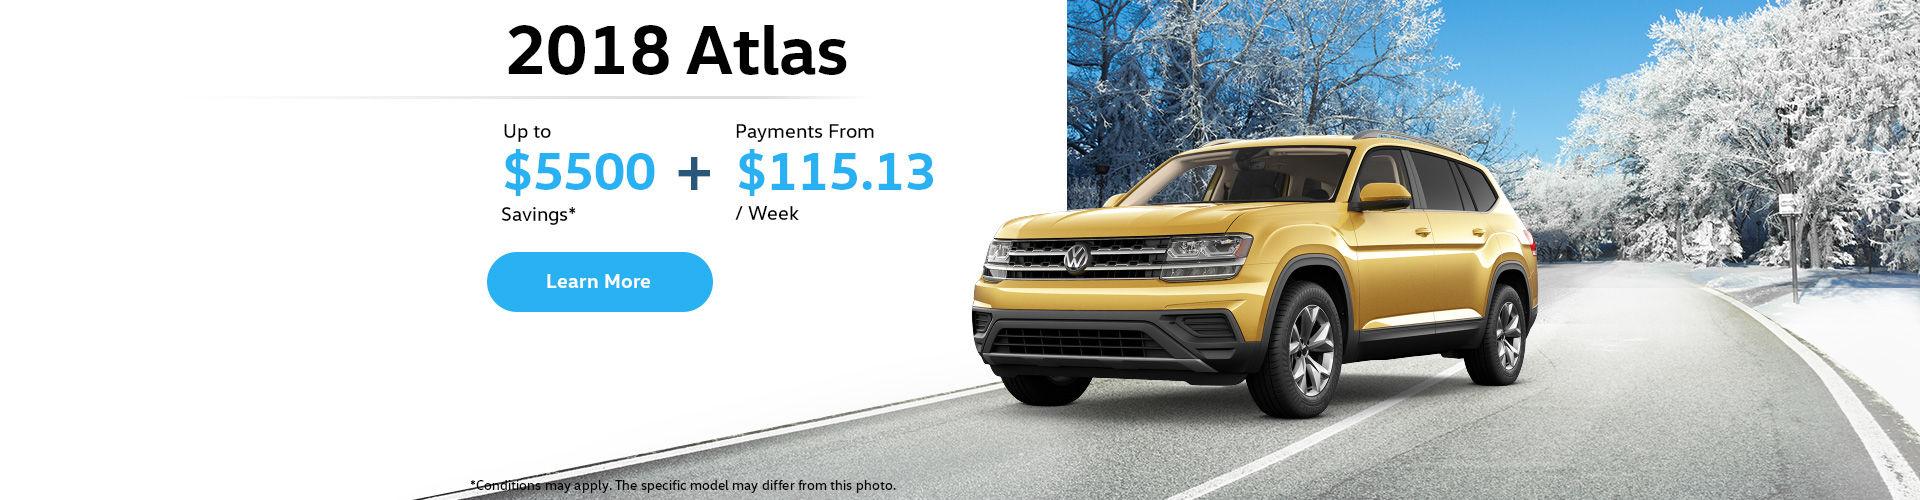 Atlas 2018